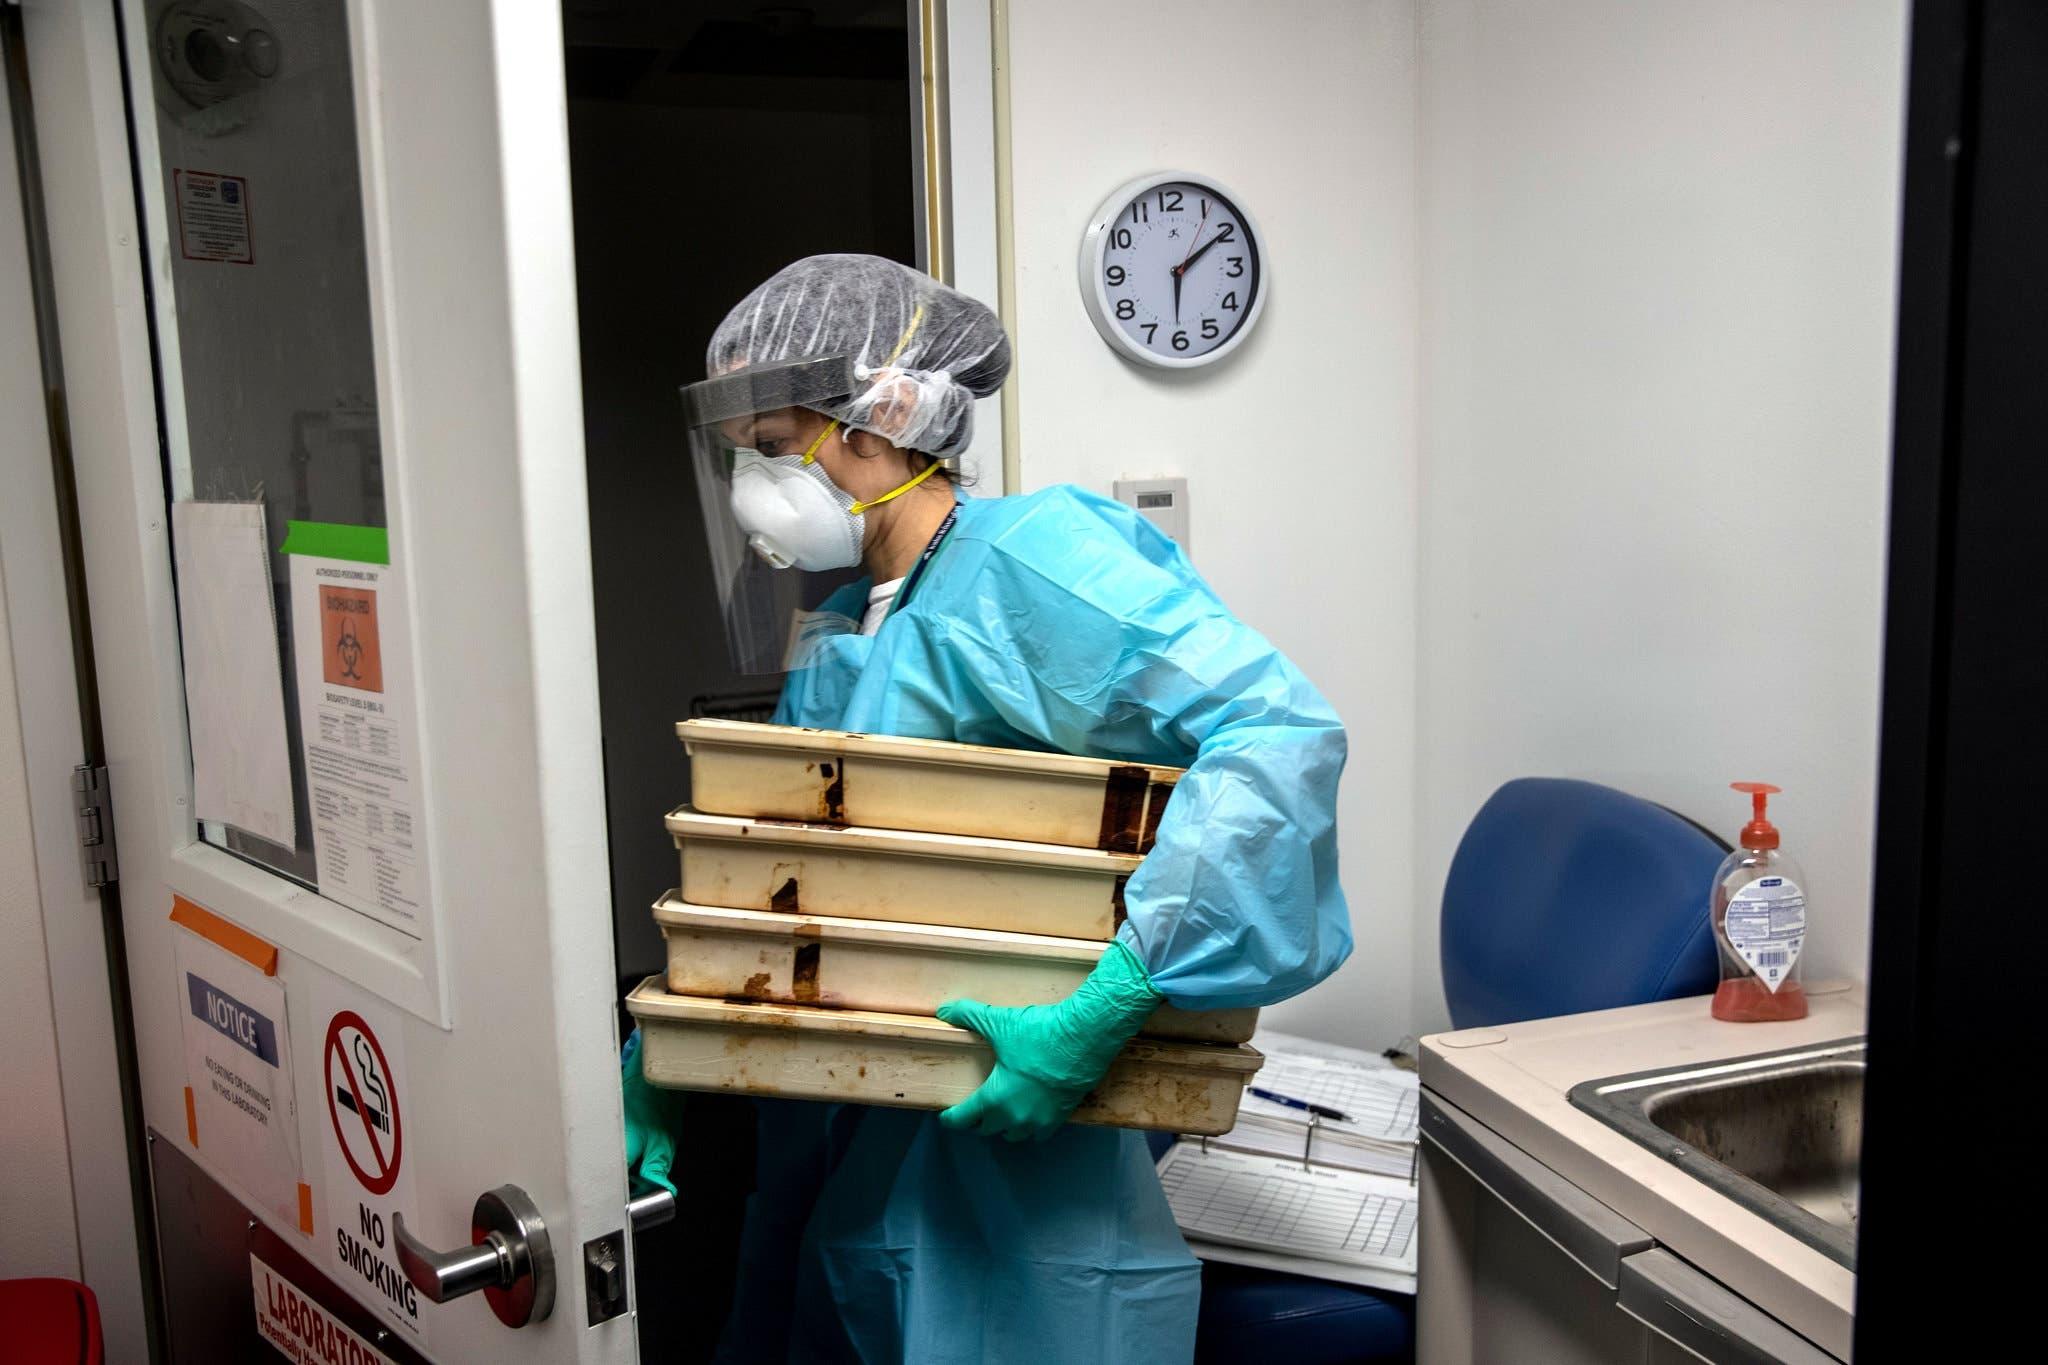 باحثة تعمل ضمن الفريق العلمي الذي يسارع الوقت لإيجاد علاج لكورونا